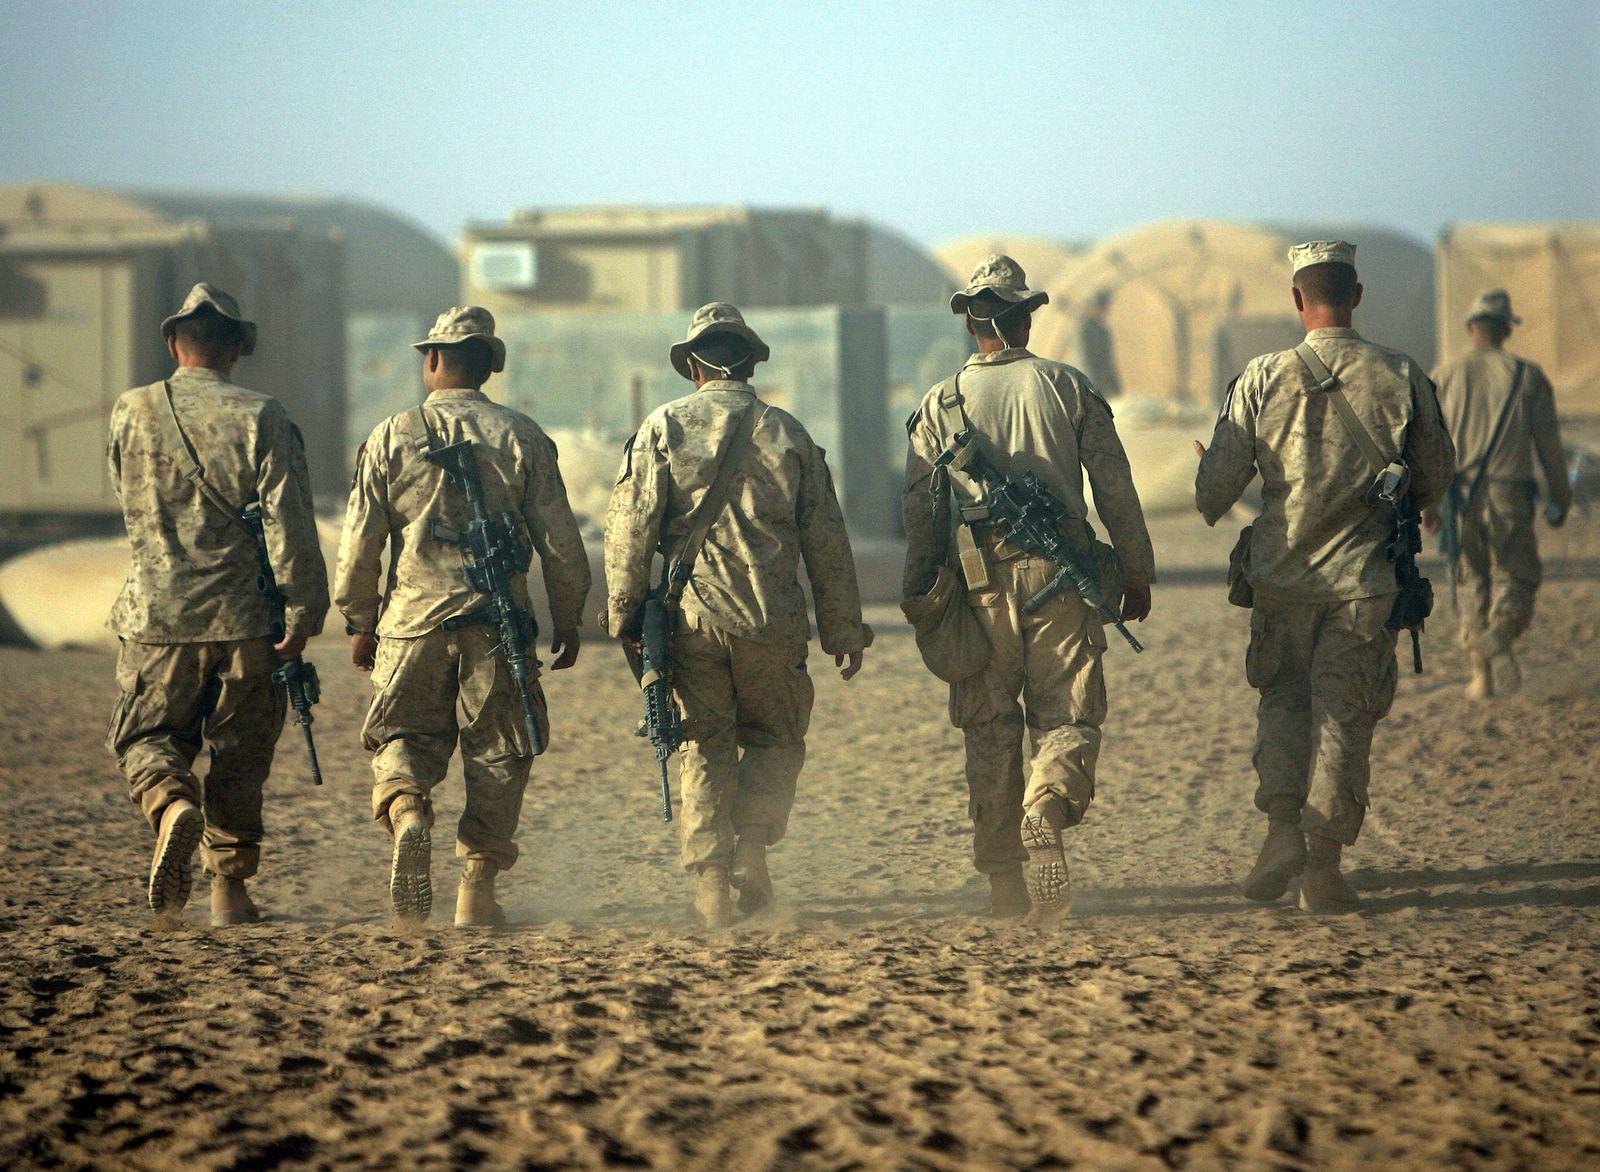 Marines / Afghanistan